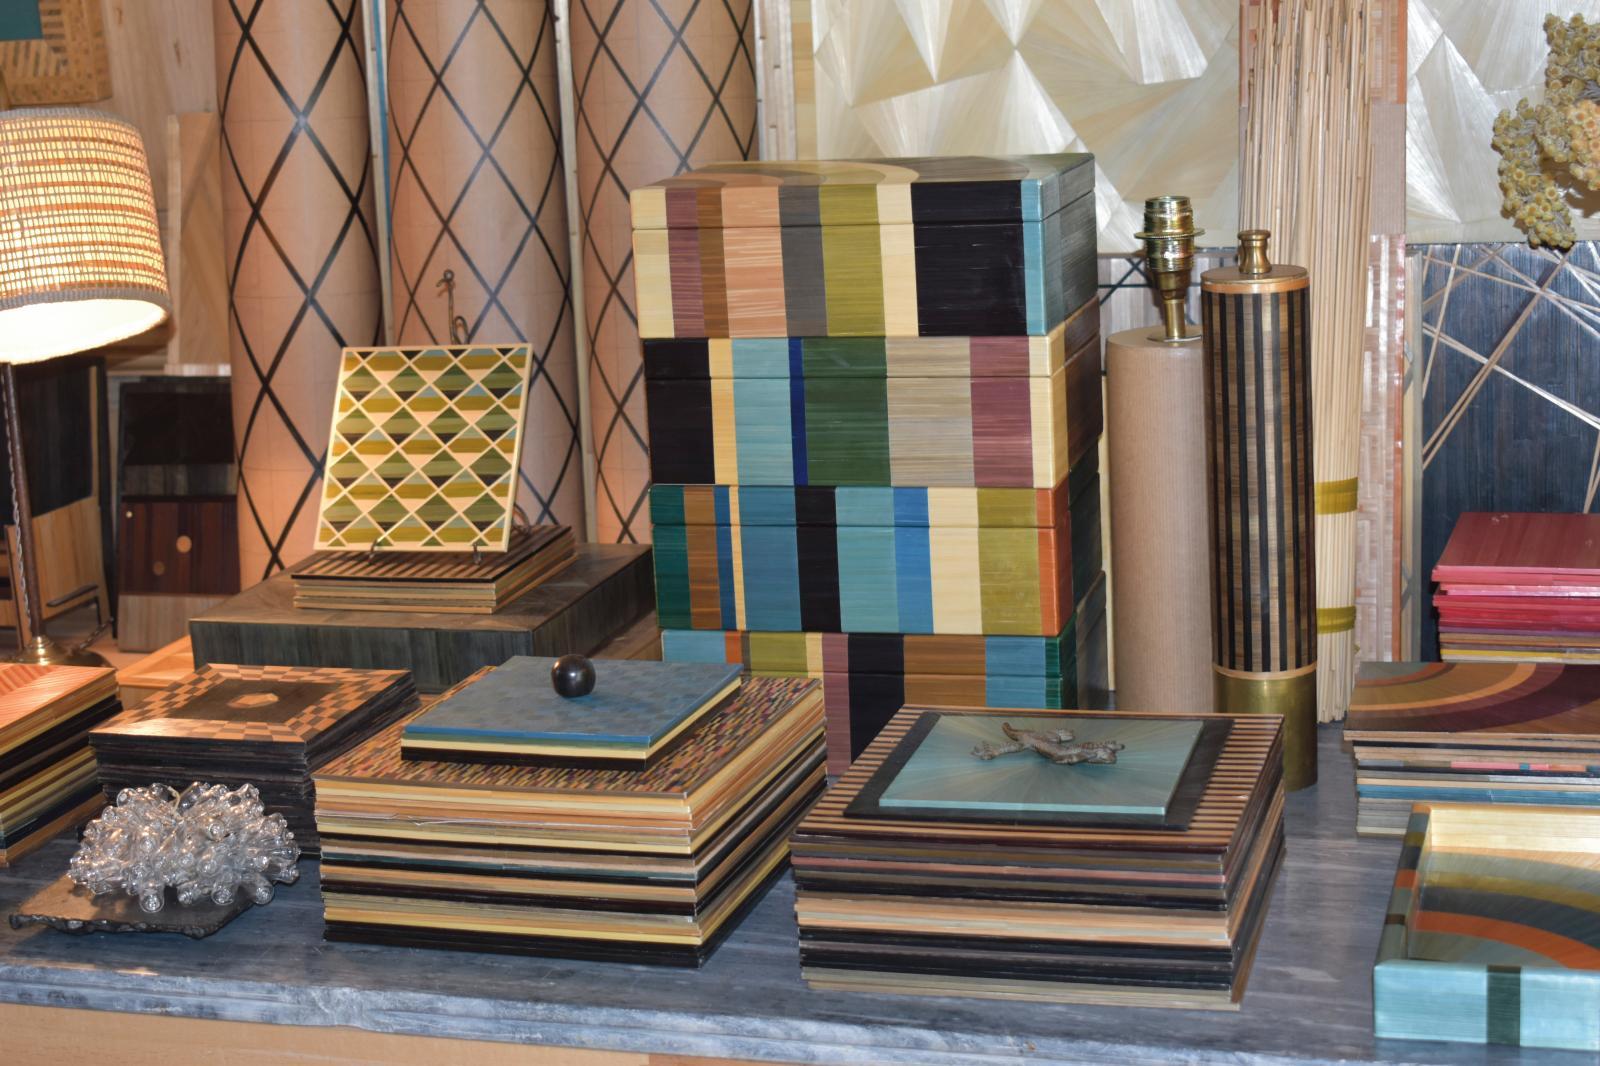 Échantillonnage de motifs et de couleurs combinant damiers, cylindres de losanges, polyèdres, jeux de rayures. À droite, pied de lampe ins